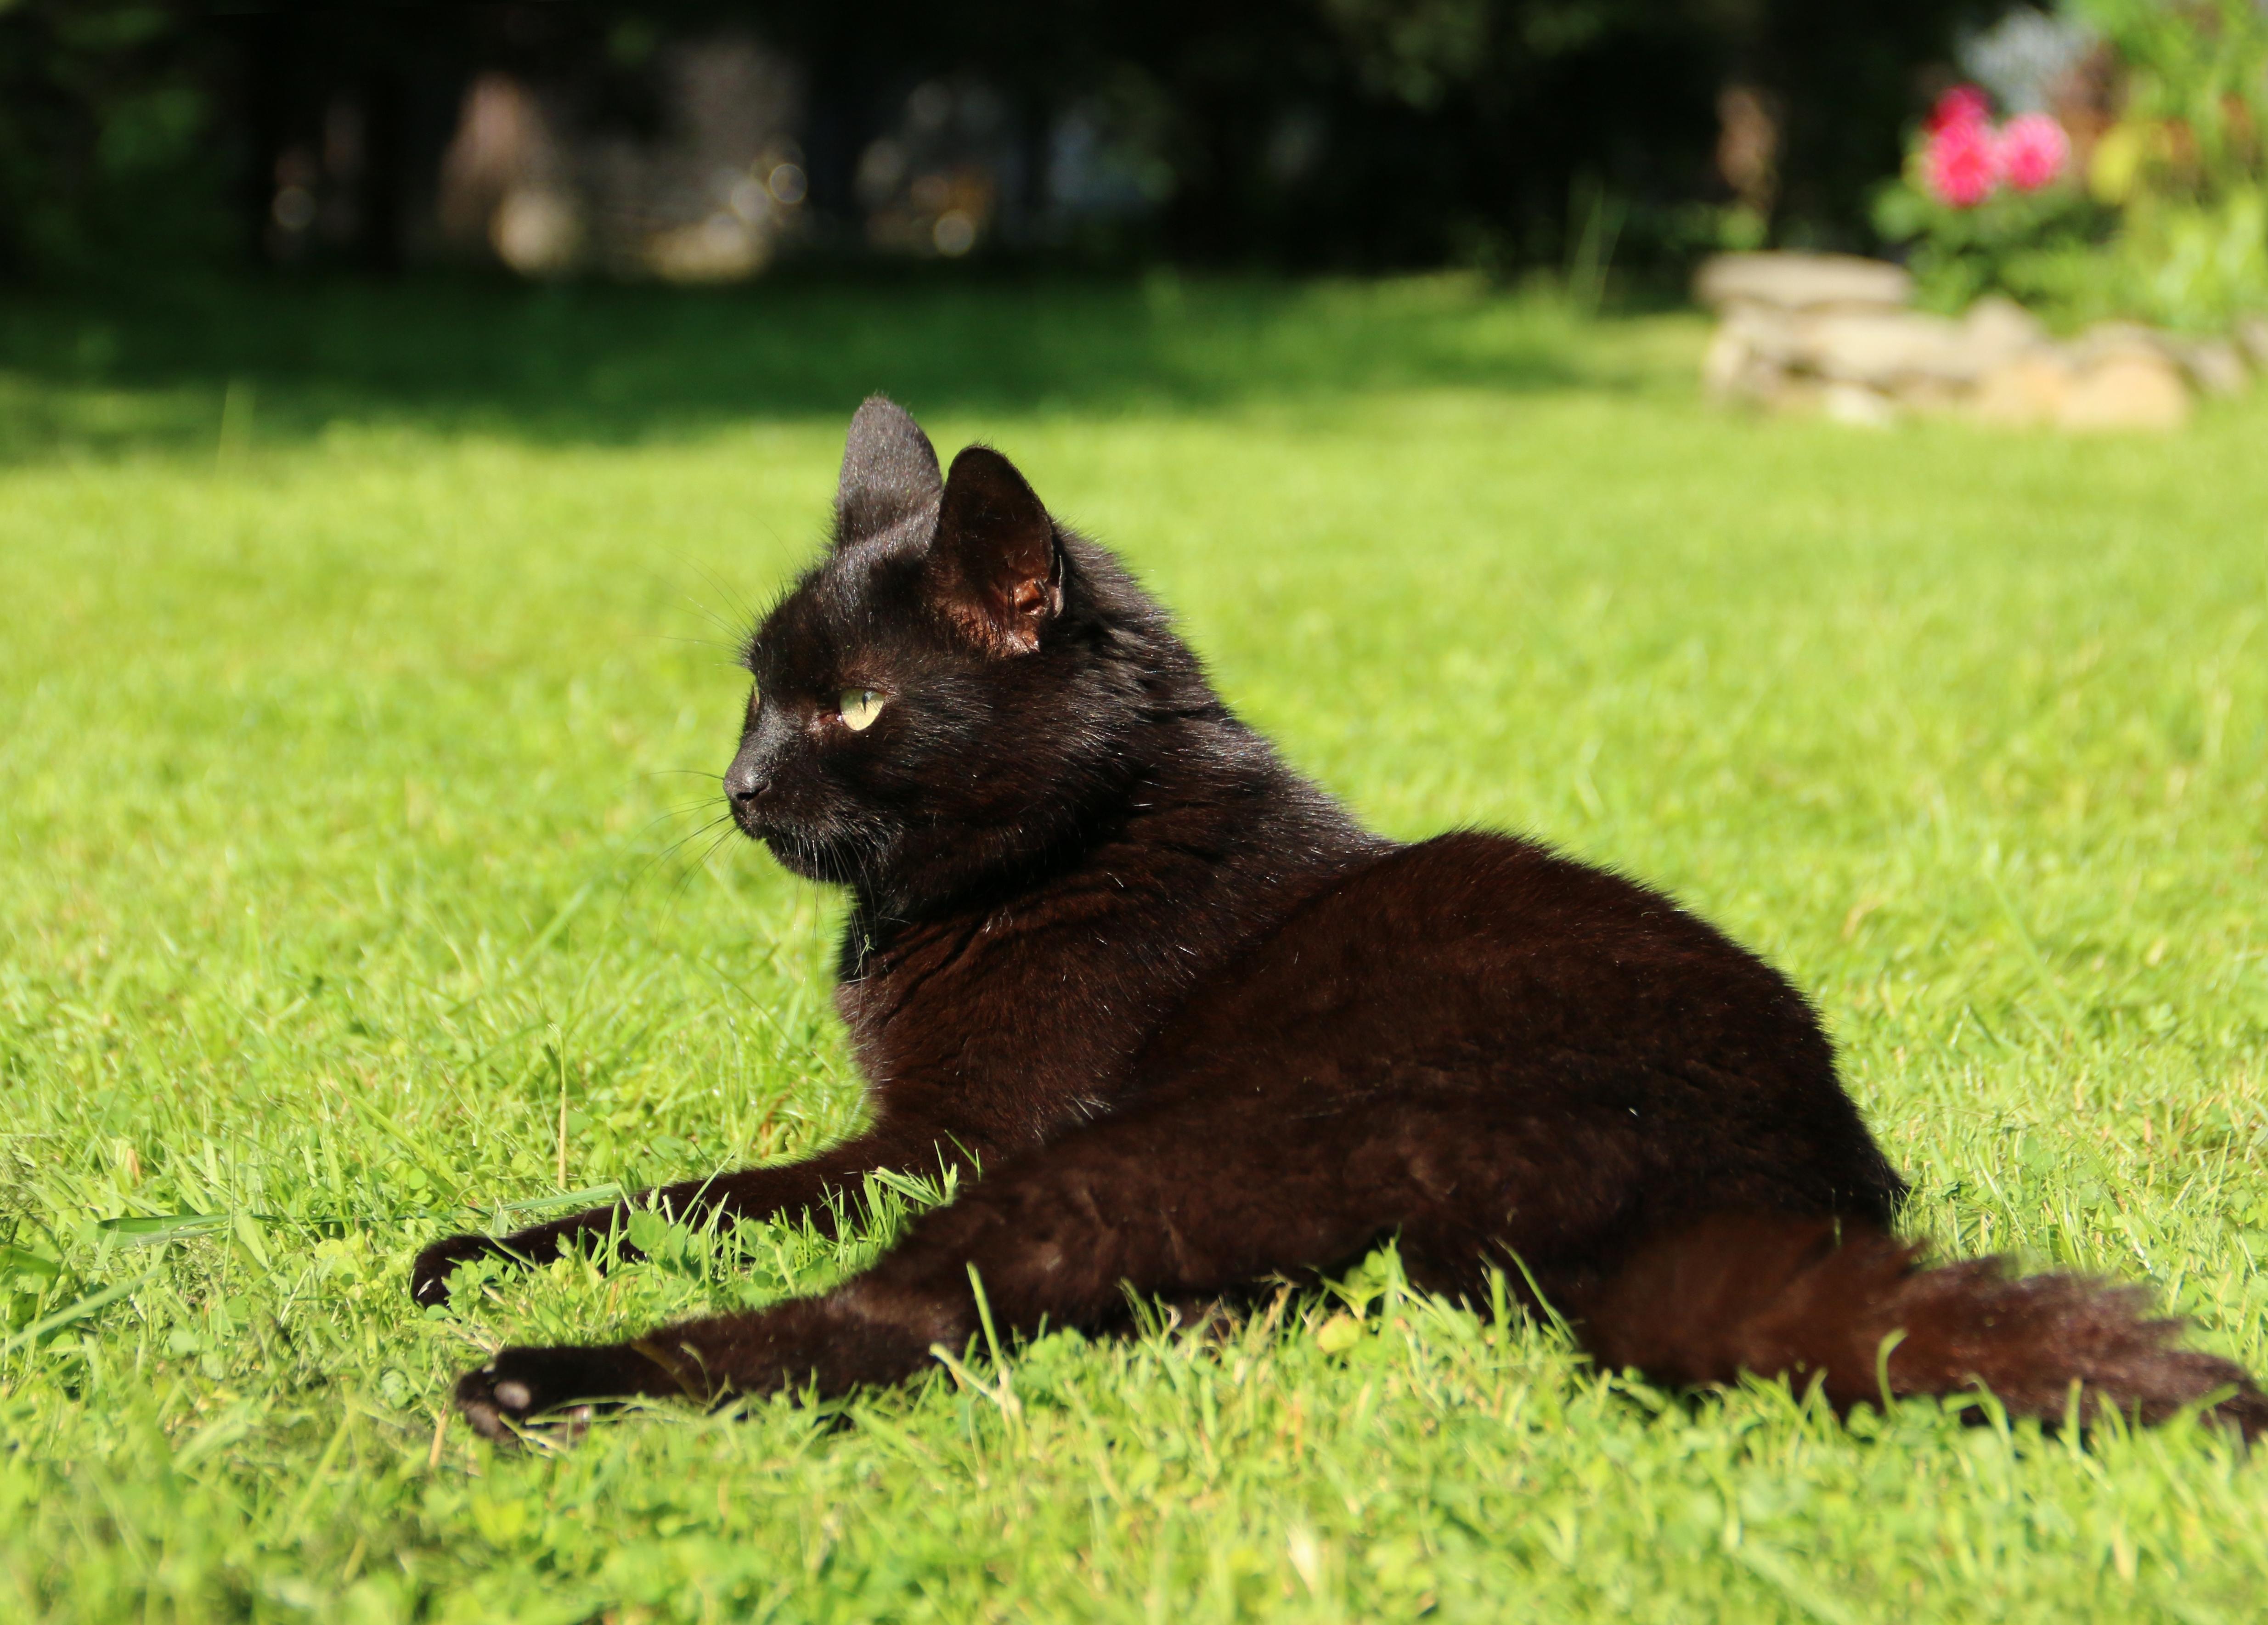 Kot im garten von welchem tier great katzenkot im garten luxe was tun gegen marder im garten - Was kann man gegen marder tun im garten ...